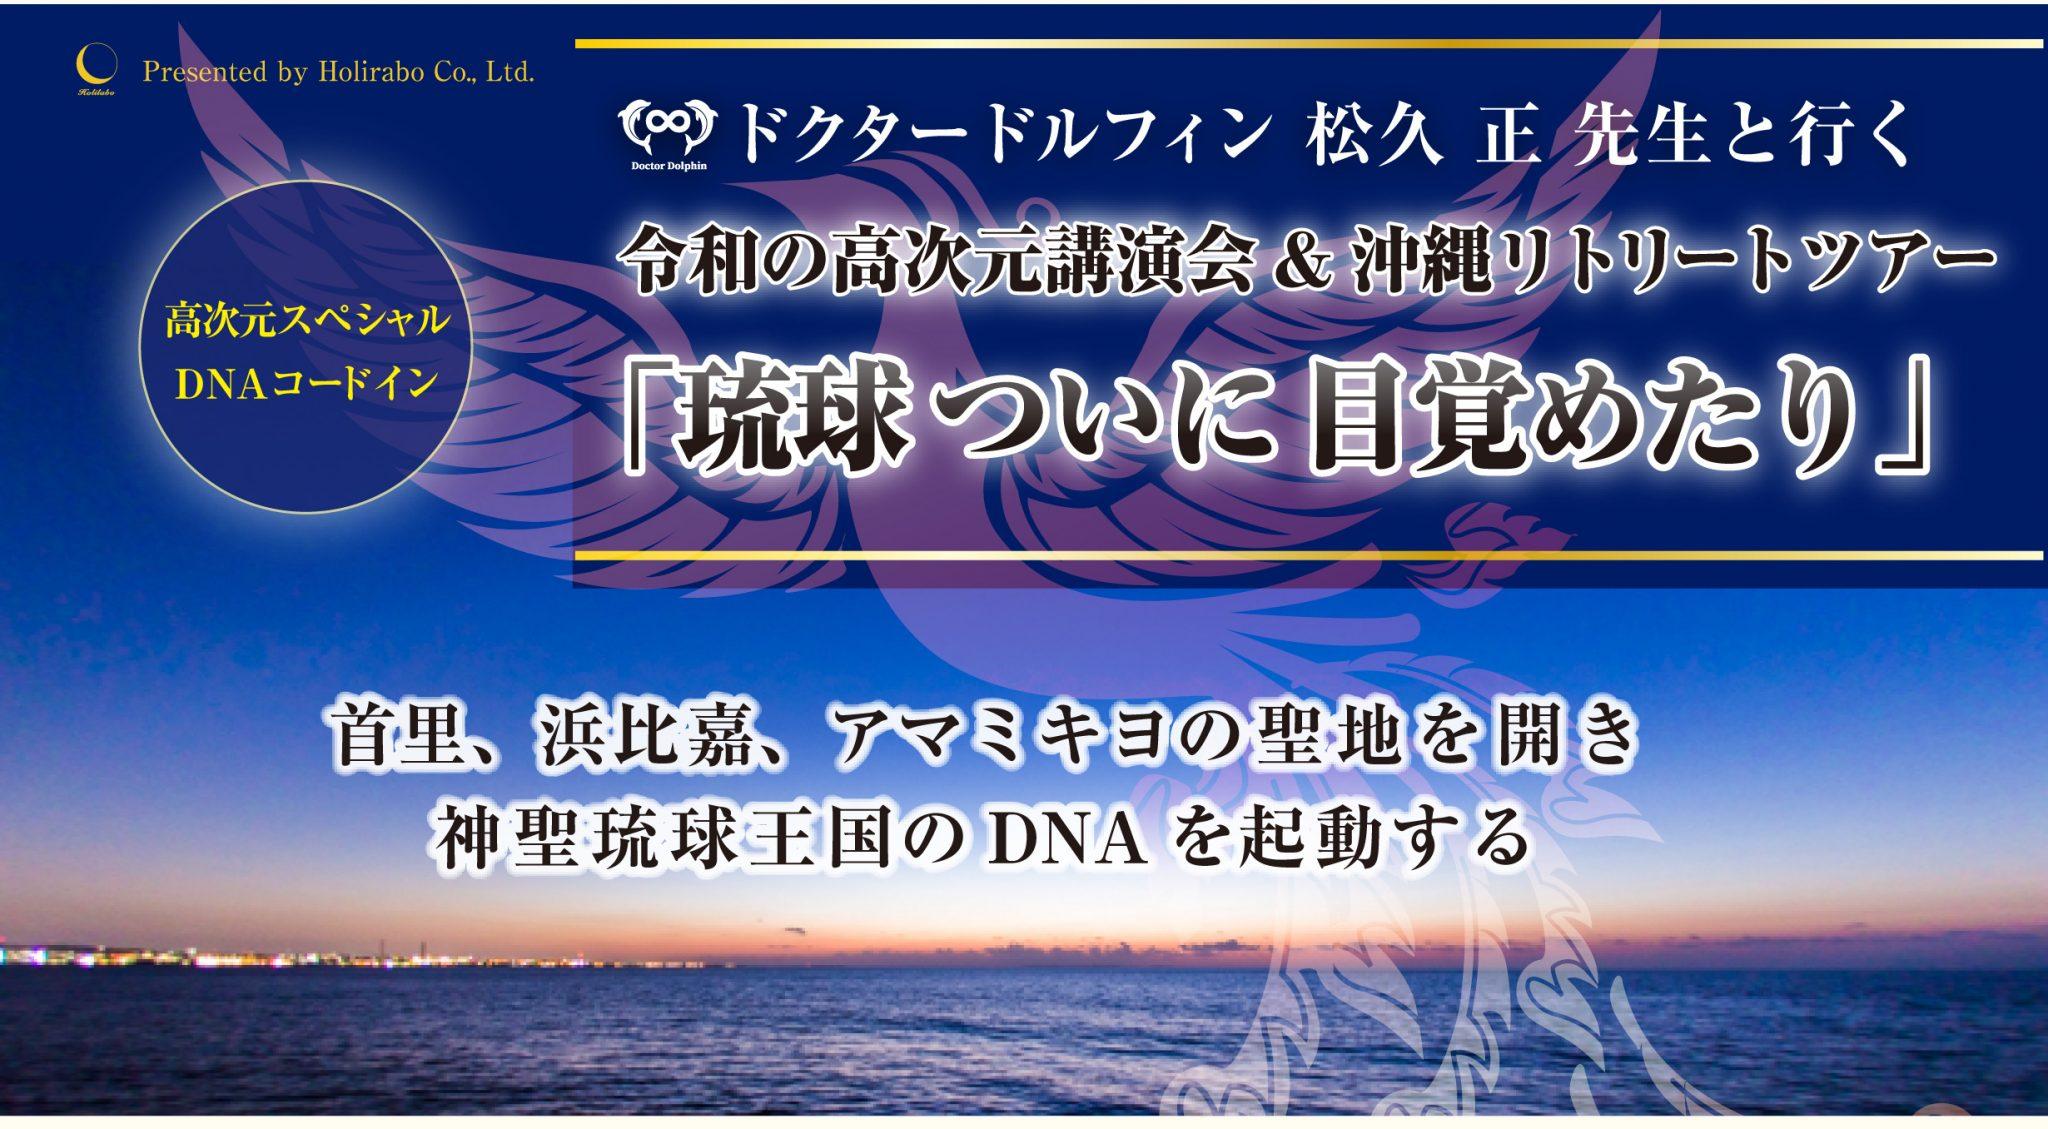 松久正先生と行く 令和の高次元講演会&沖縄リトリートツアー『琉球、ついに、目覚めたり』